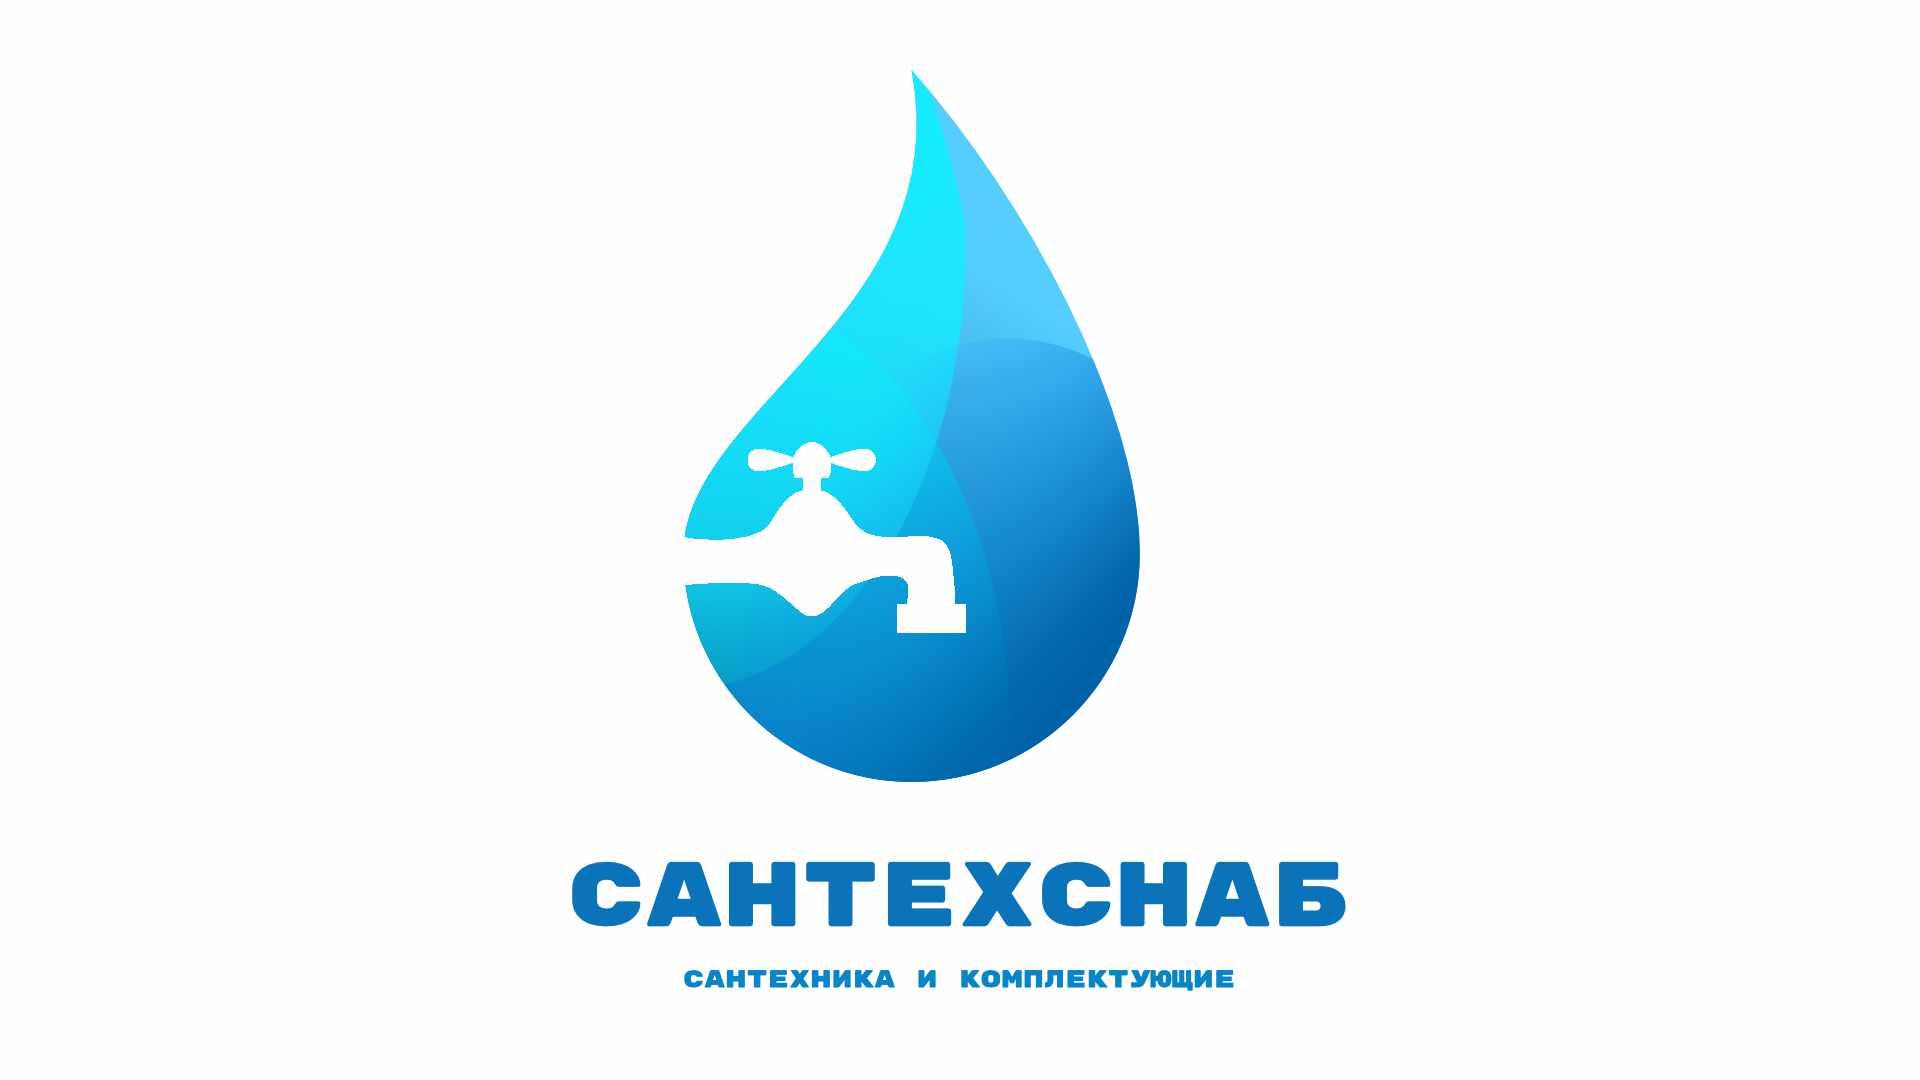 Логотип для магазина сантехнических приборов и комплектующих